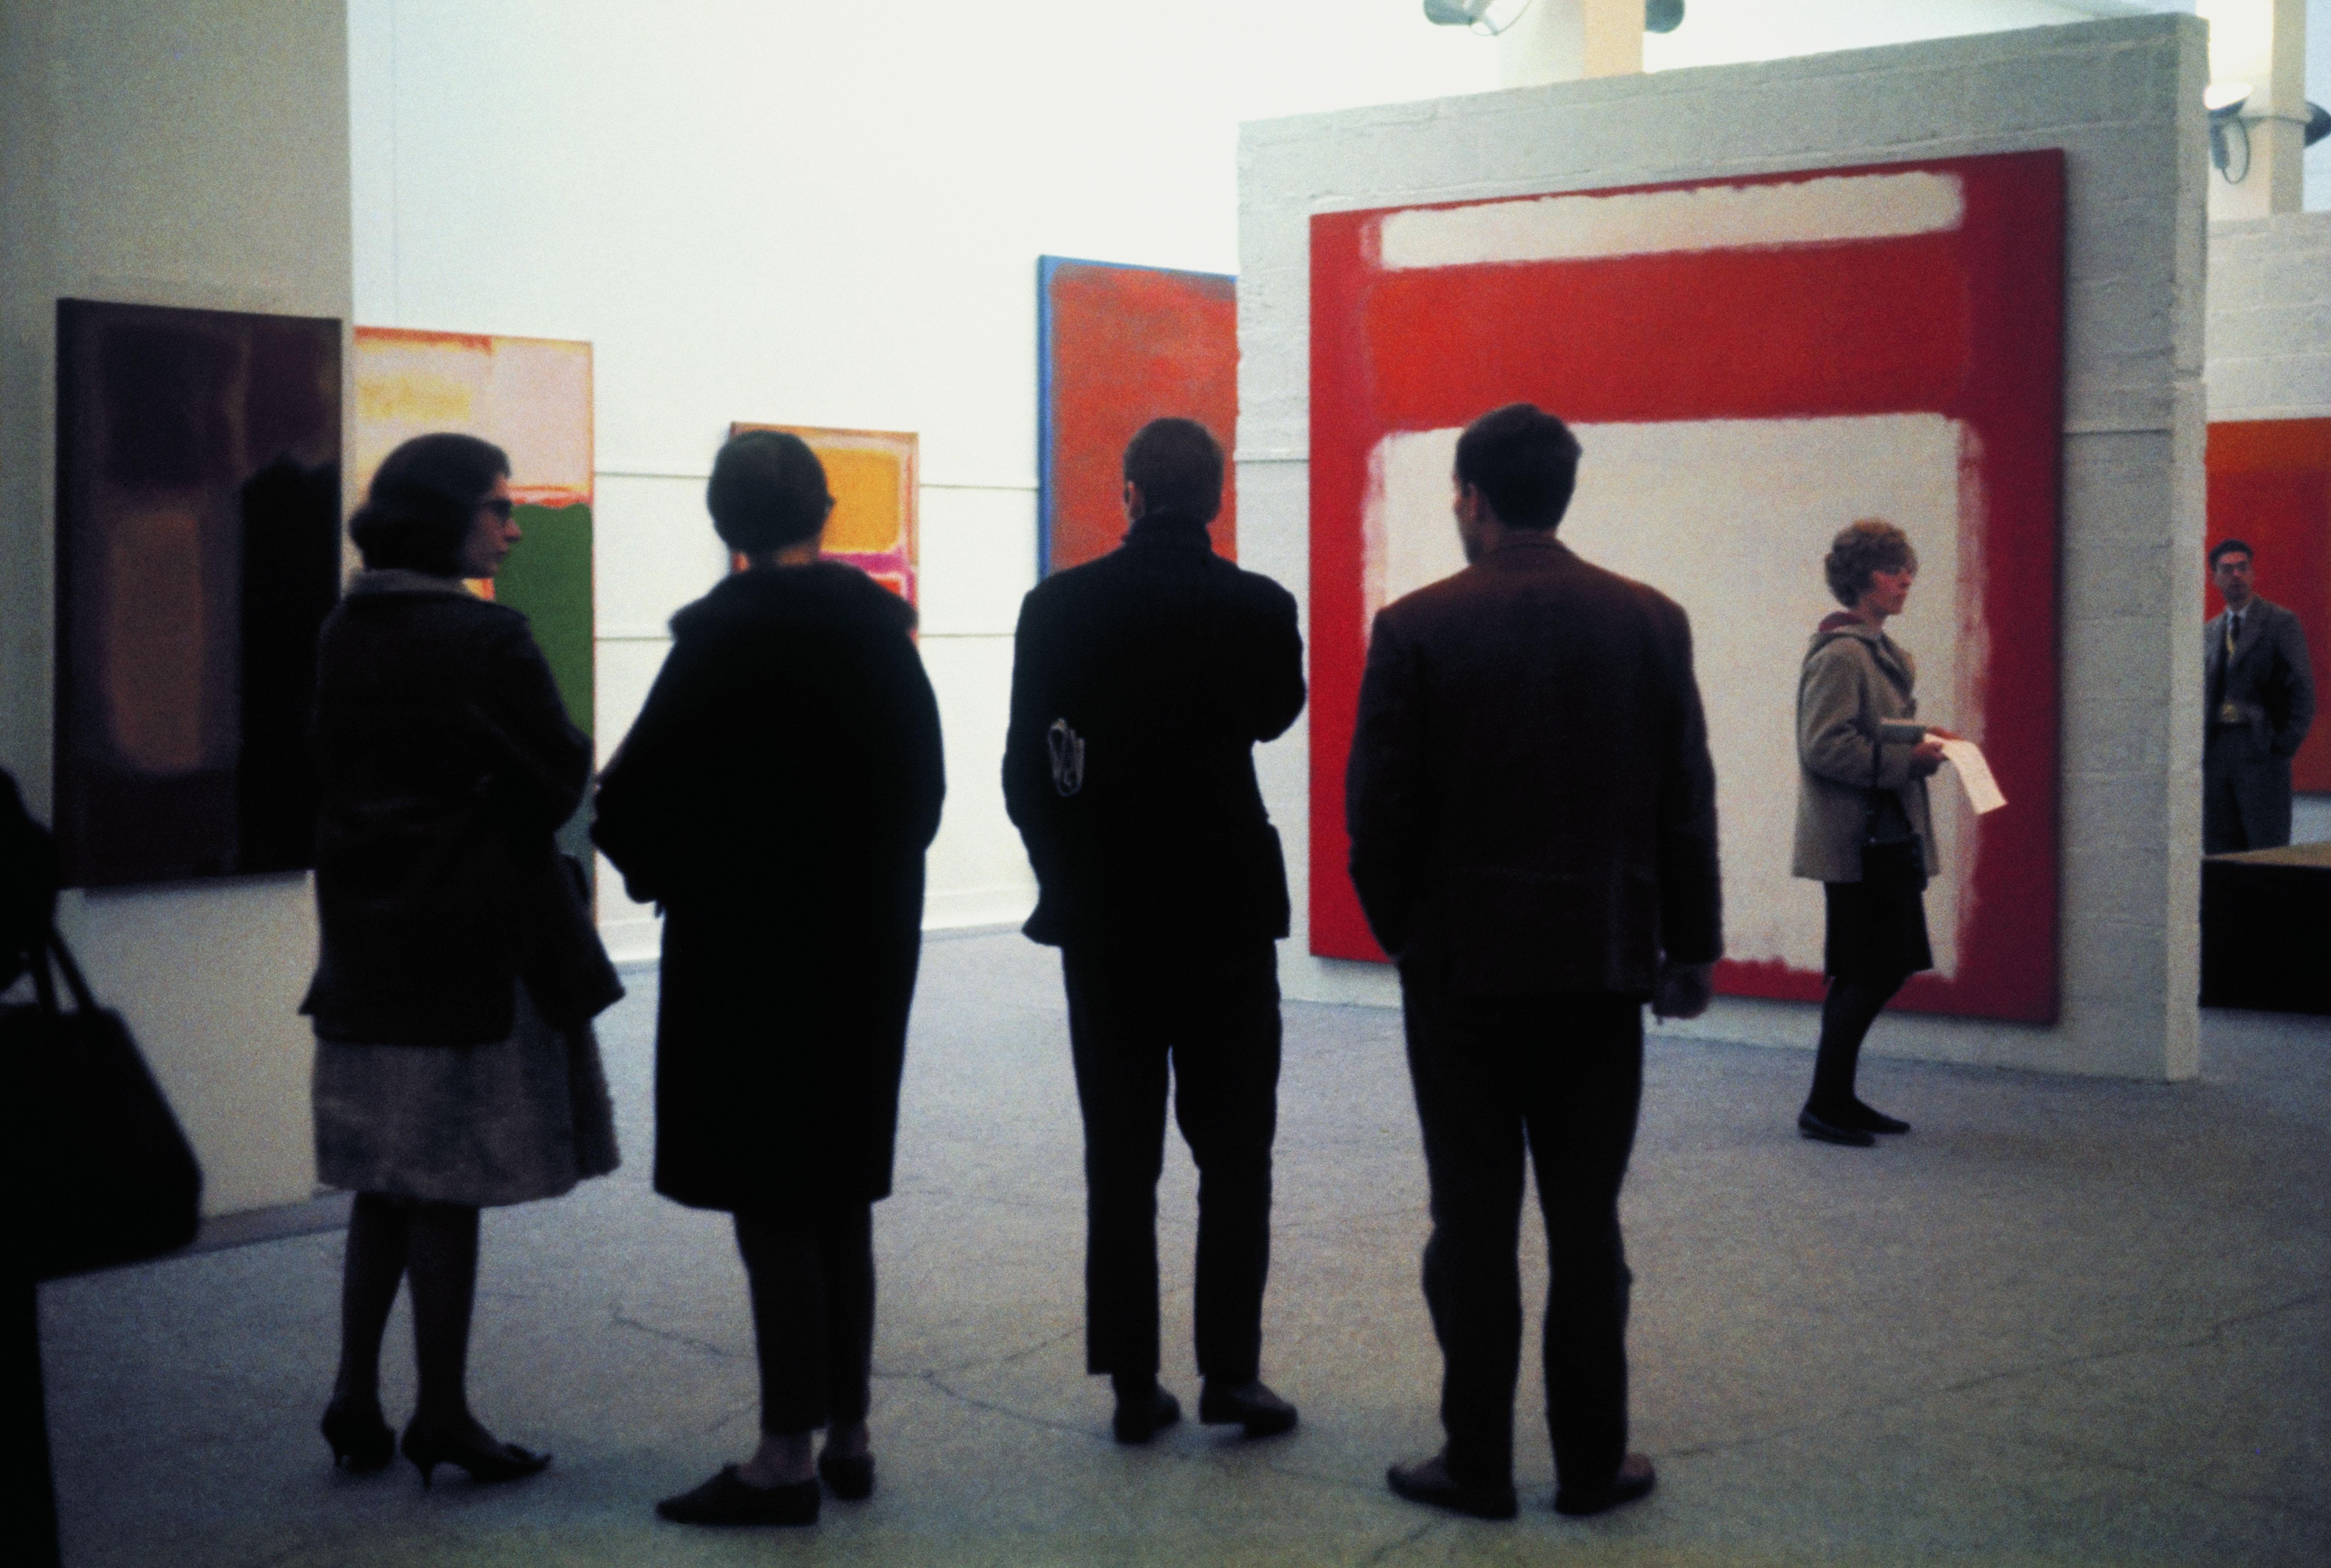 Mark Rothko 1961, Whitechapel Gallery. Photograph: Sandra Lousada